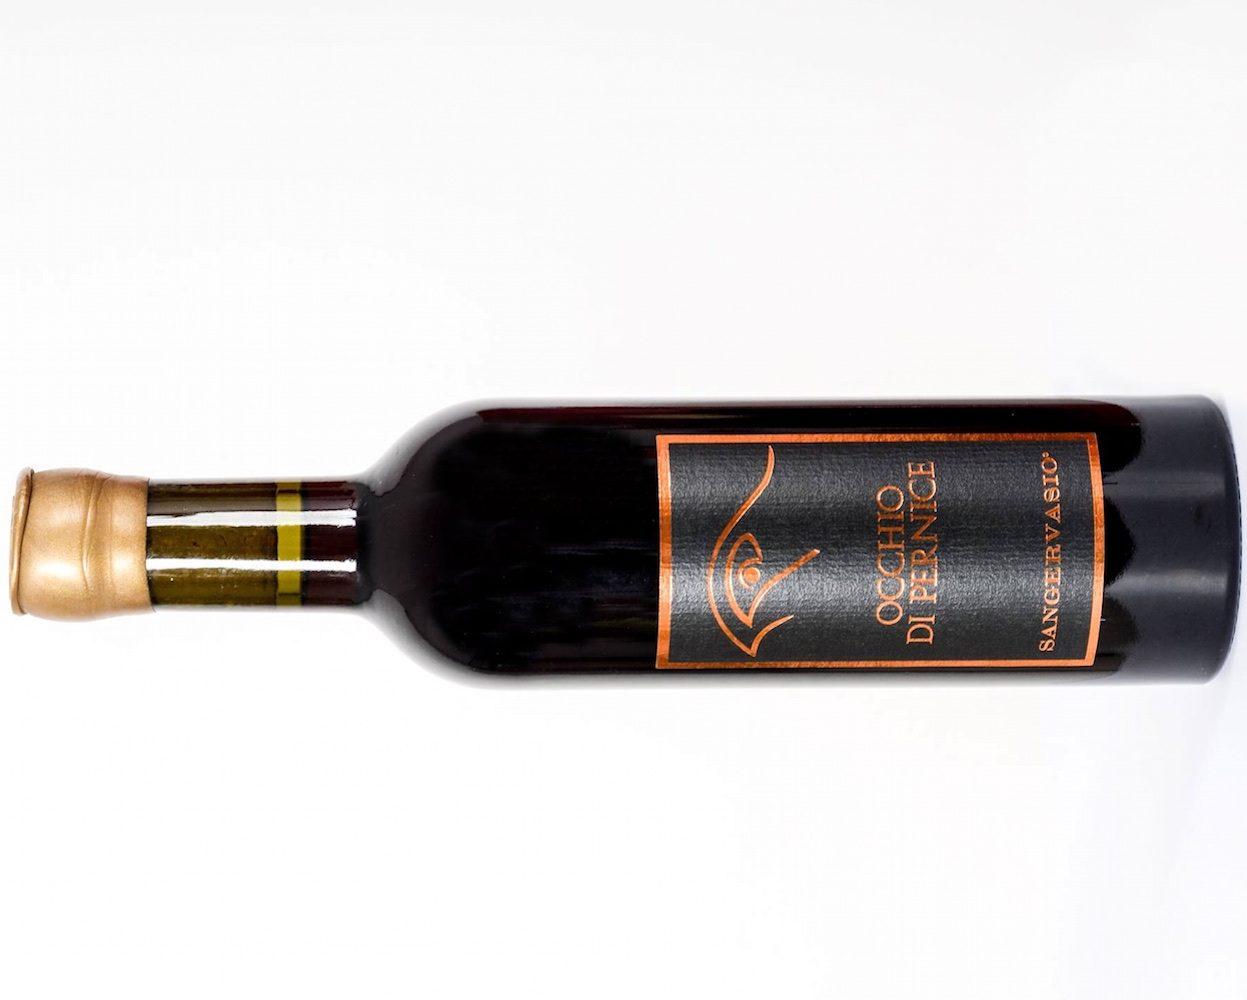 Bottiglia di Occhio di Pernice Sangervasio, uno dei migliori vini dolci toscani